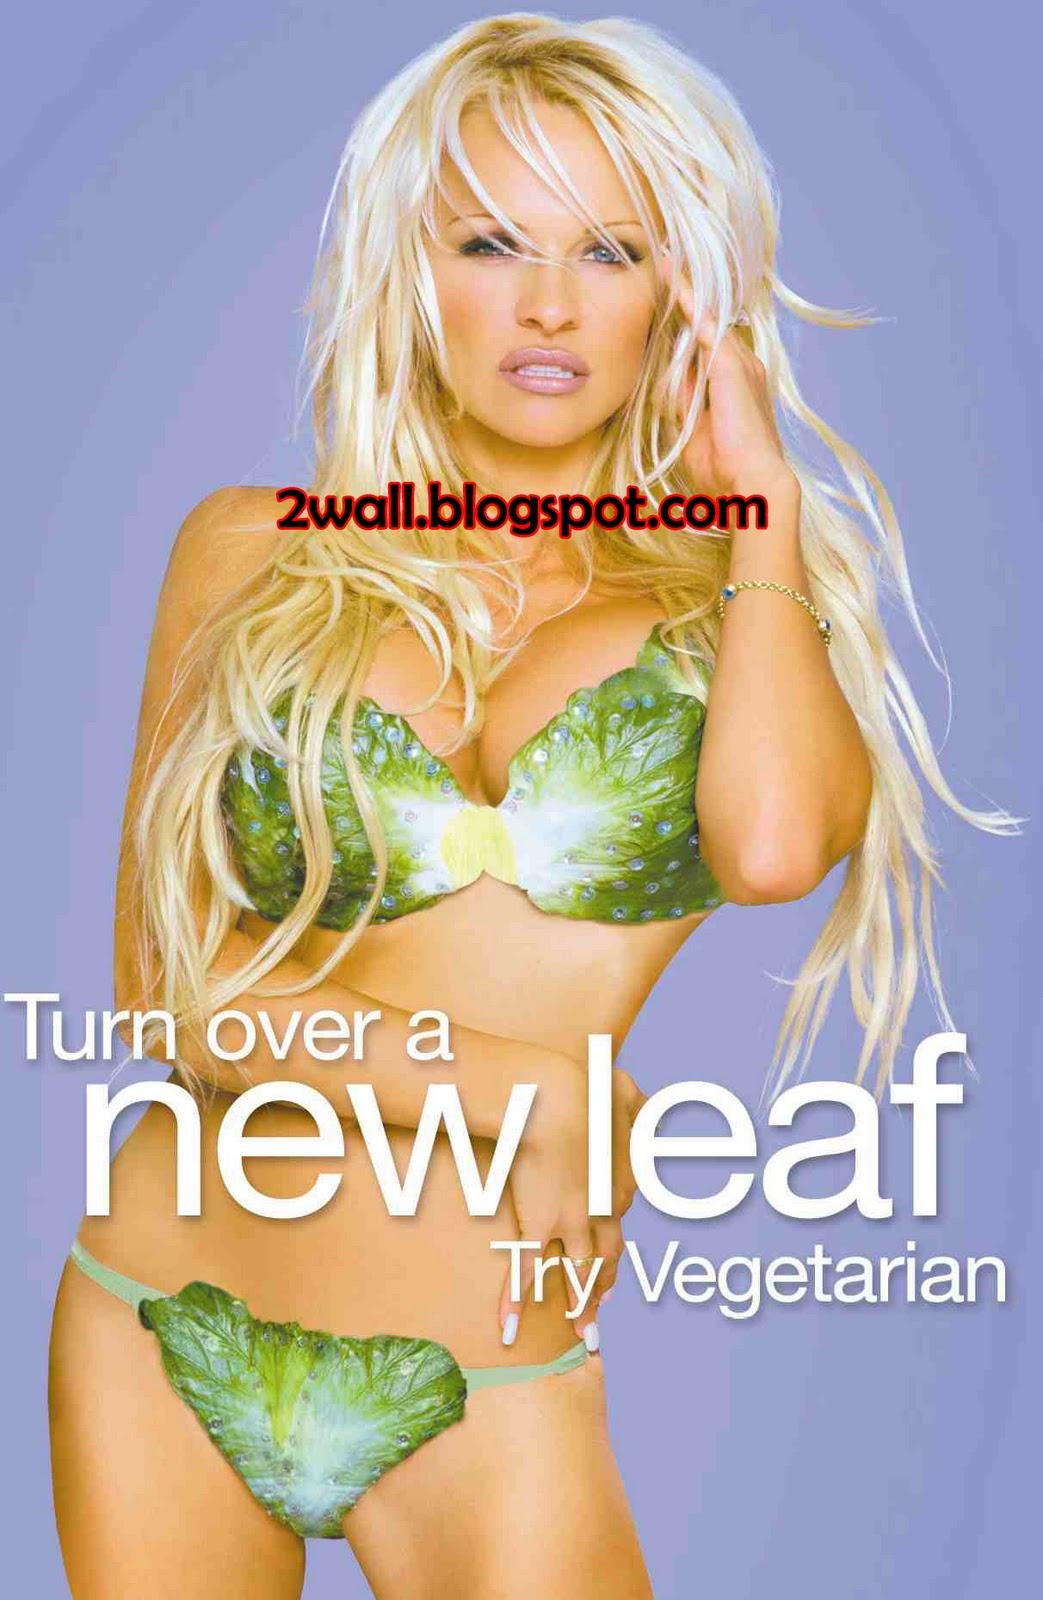 http://1.bp.blogspot.com/_3s5CHSQ3vWY/TSCrO3n1ZjI/AAAAAAAAAYk/EDrTEkOBbfI/s1600/Pamela_Anderson%2Bcopy.jpg